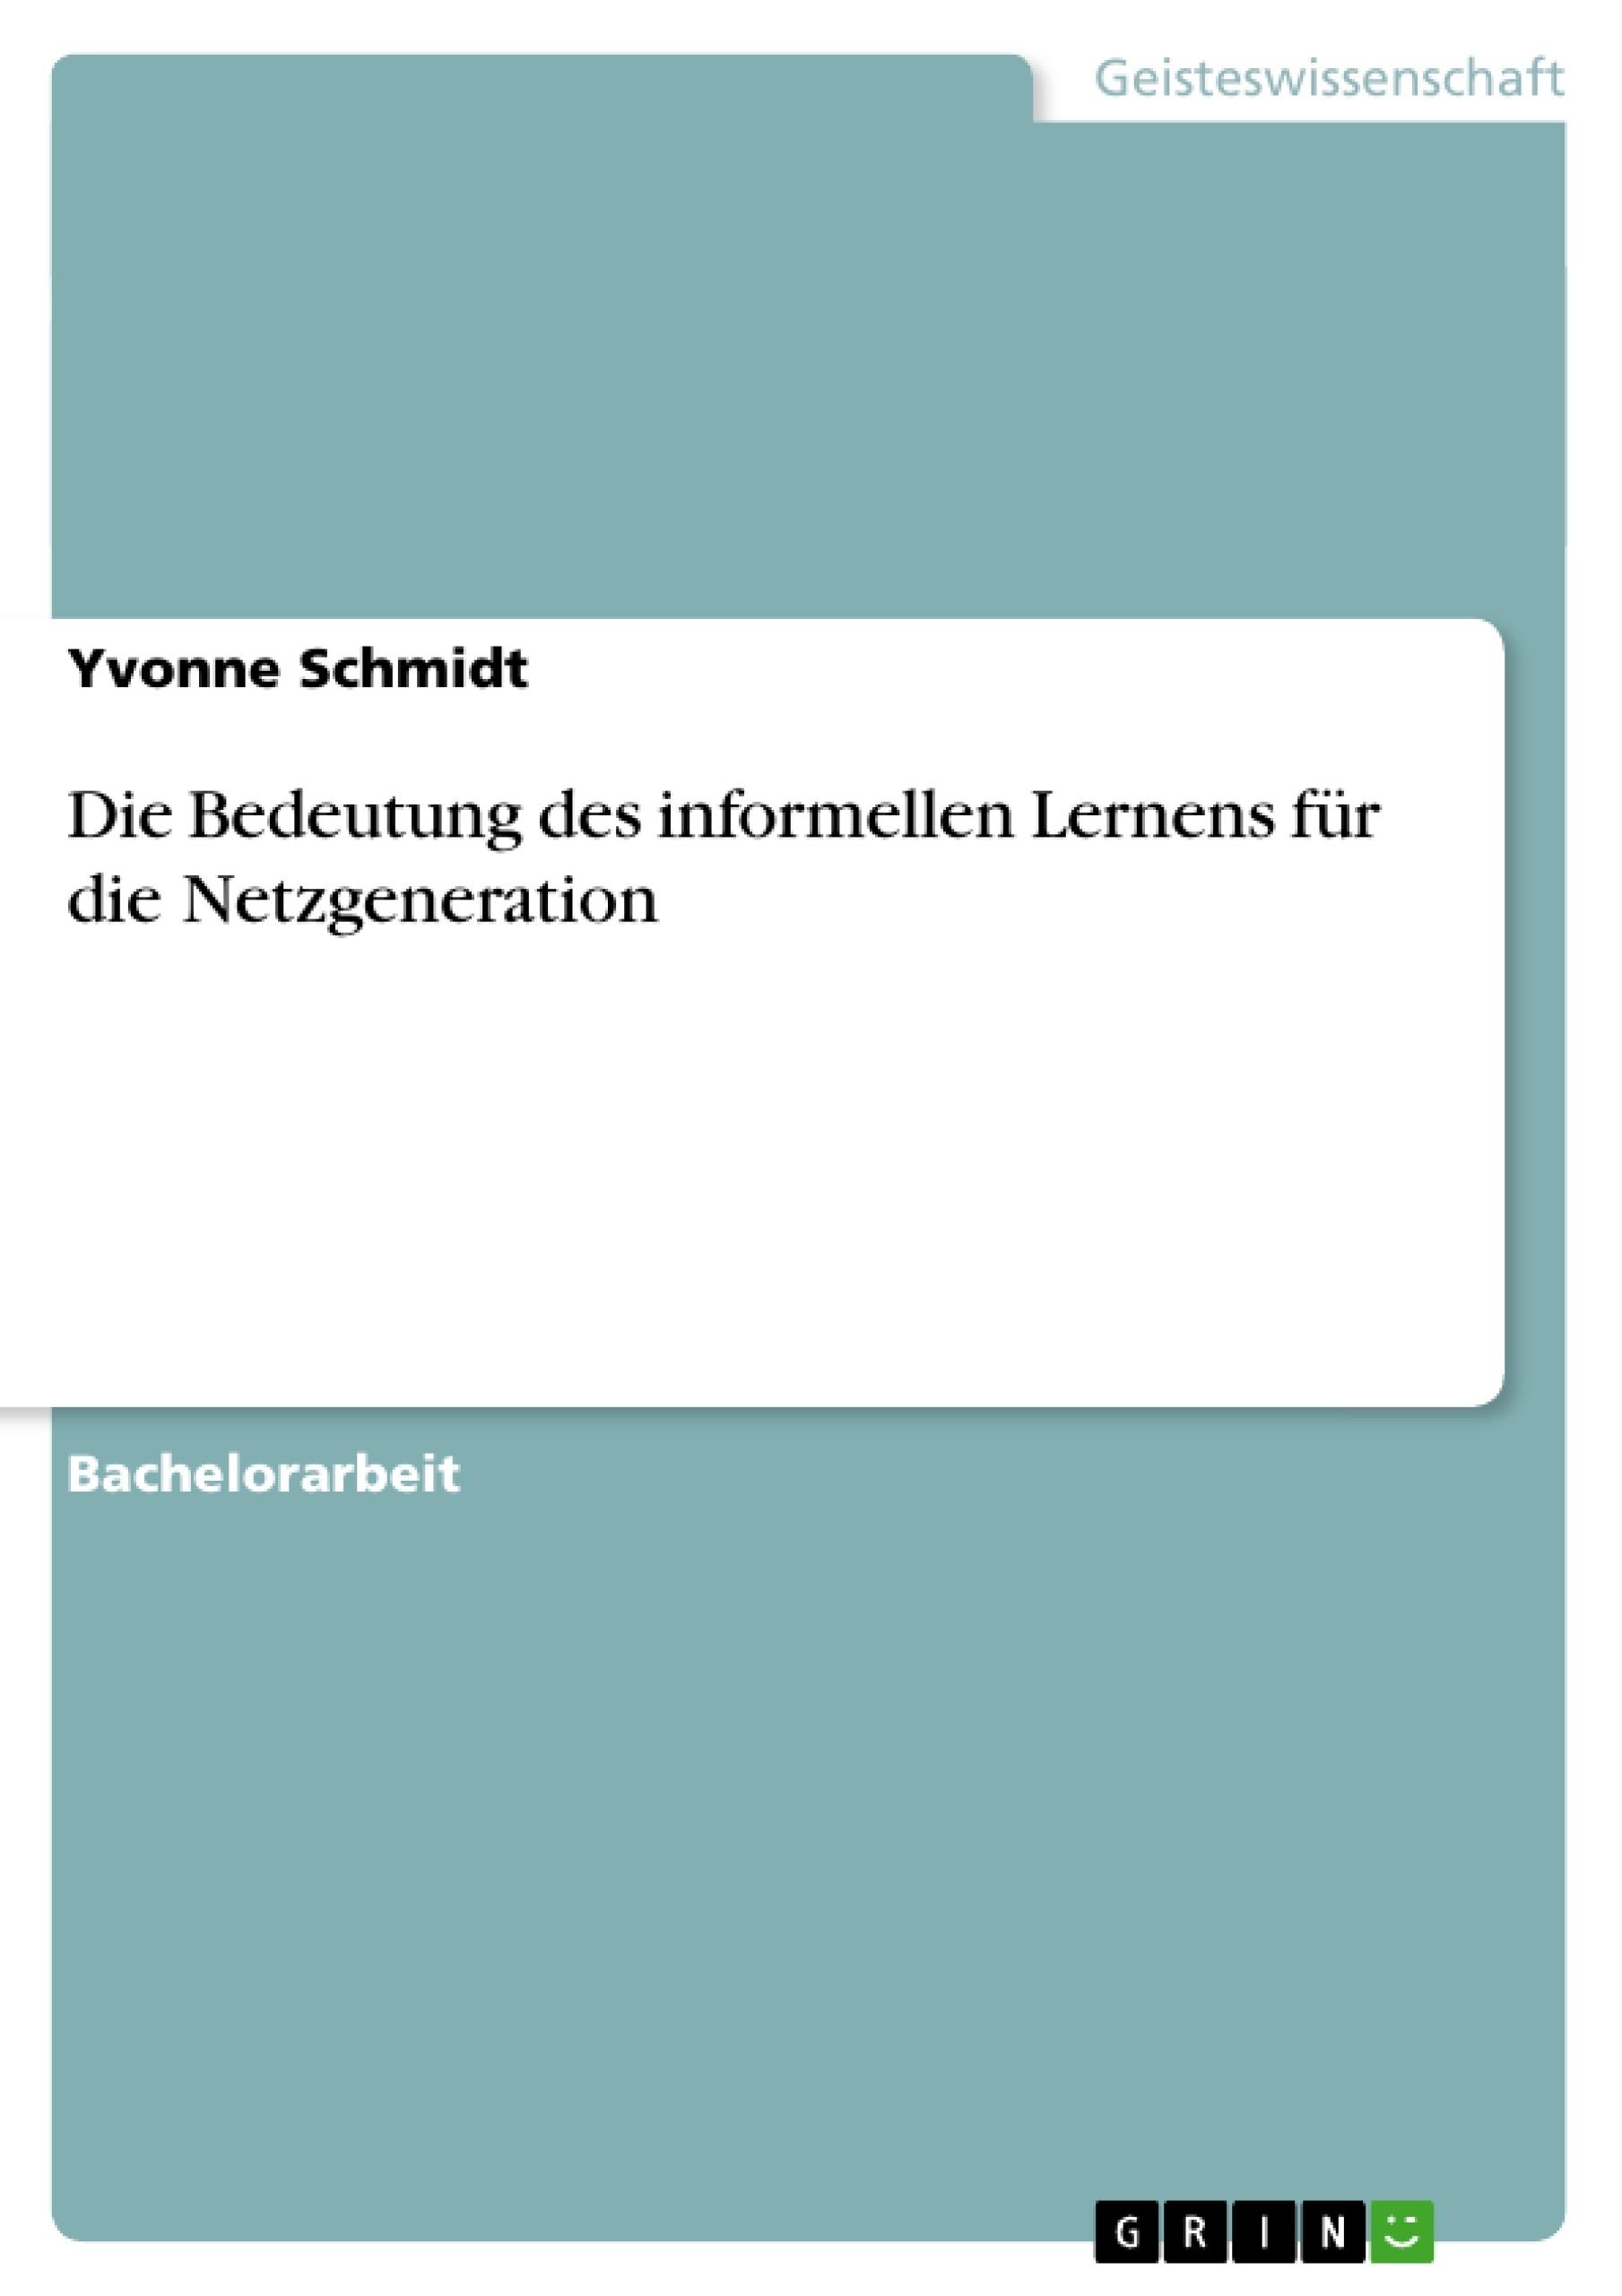 Titel: Die Bedeutung des informellen Lernens für die Netzgeneration